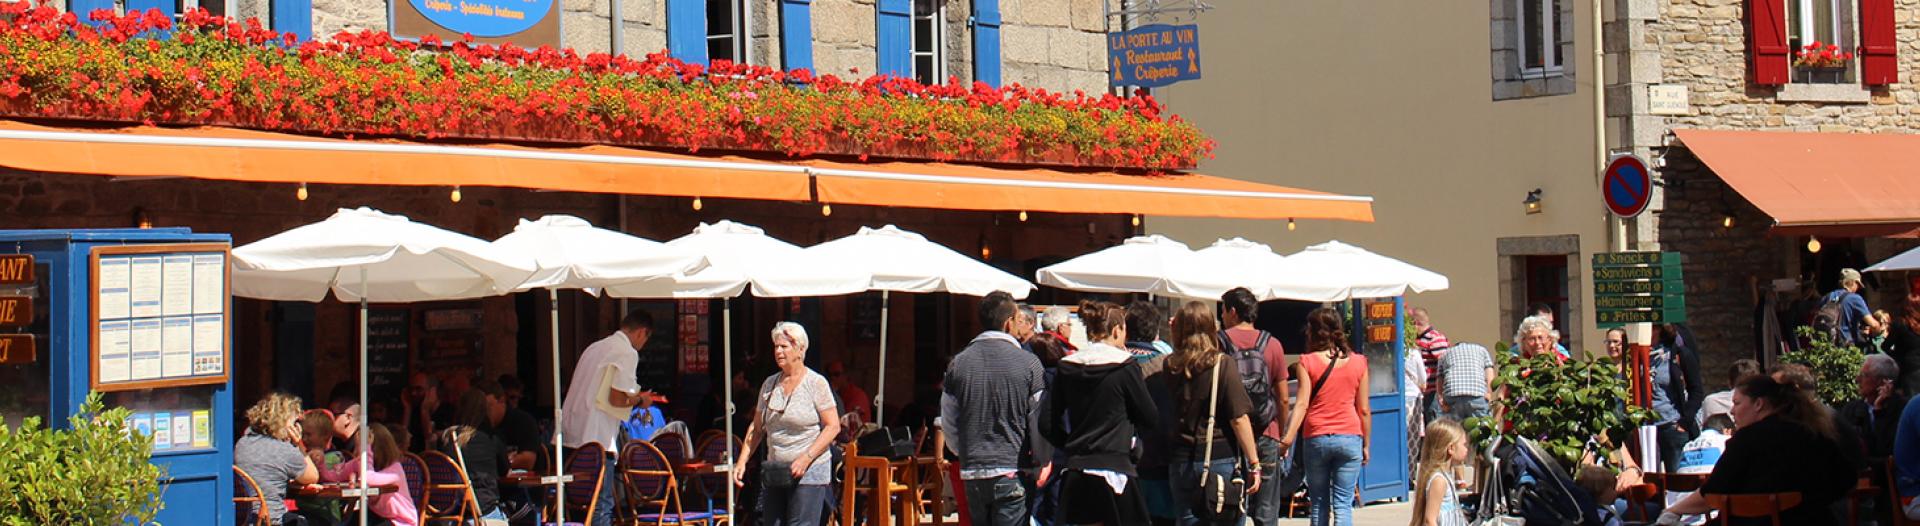 ville-close-concarneau